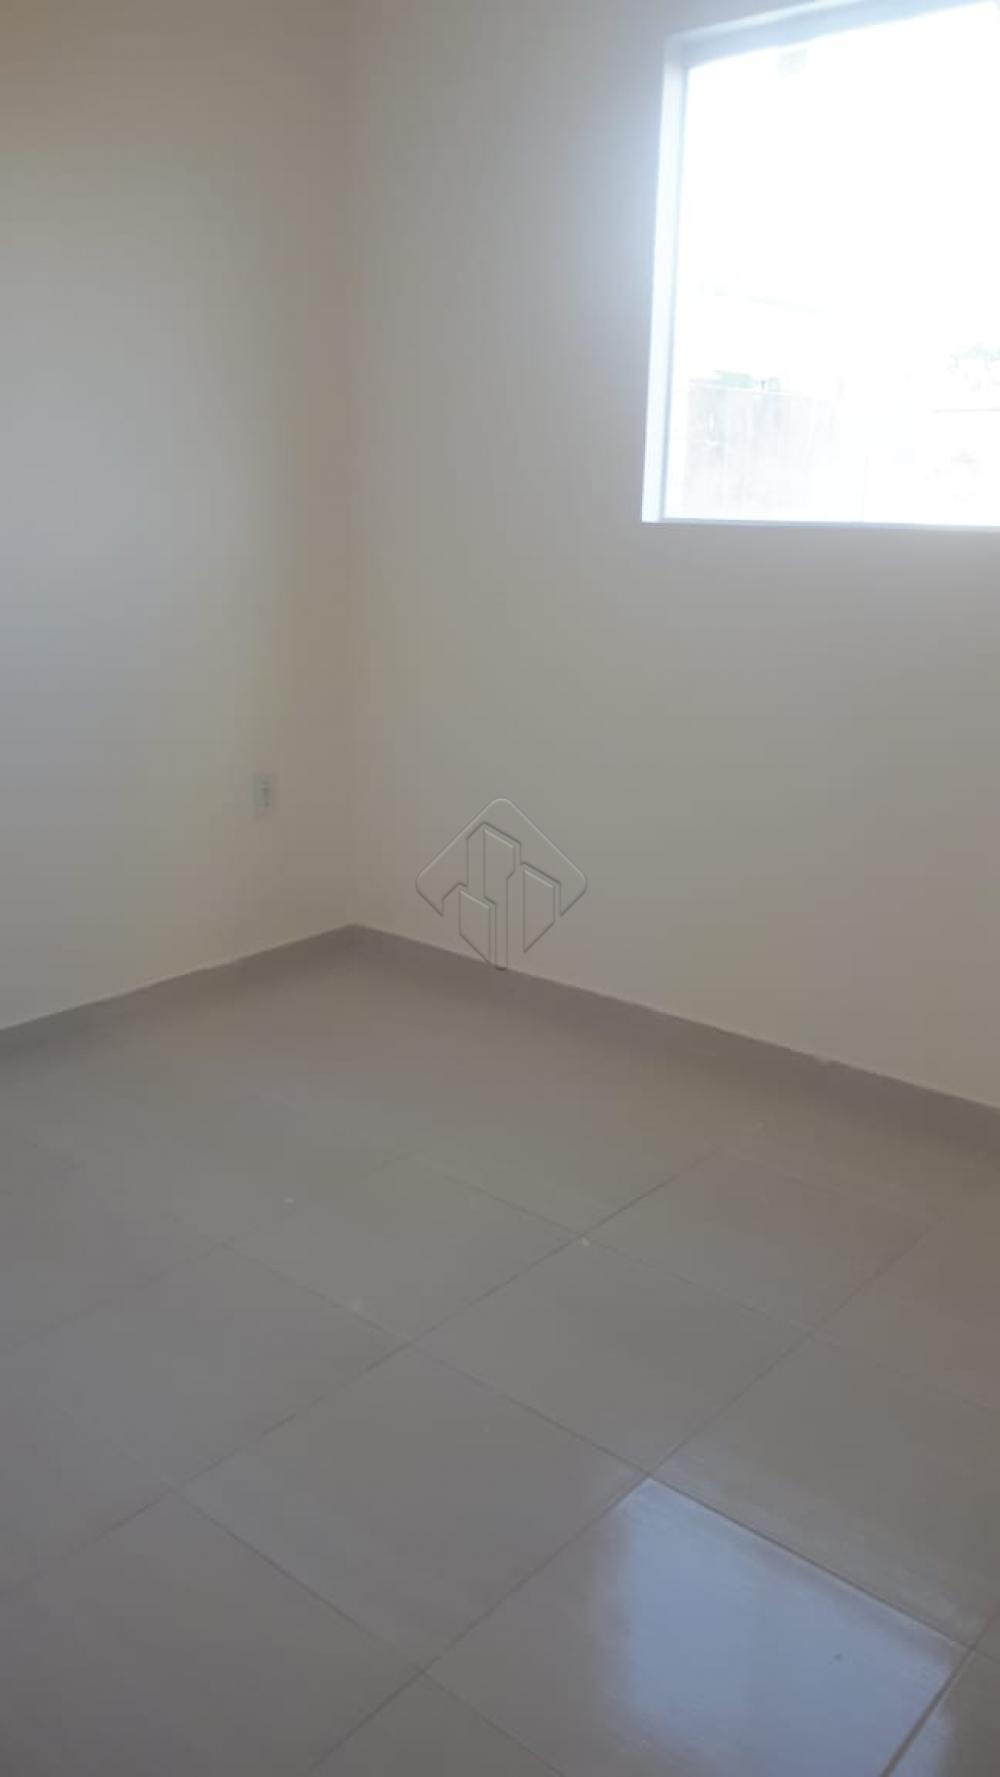 Características do imóvel:  *02 dormitórios, * 01 Suíte *Wc social, *Sala, *01 Vg. de Garagem *Cozinha, *Área serviço,  AGENDE AGORA SUA VISITA TEIXEIRA DE CARVALHO IMOBILIÁRIA CRECI 304J - (83) 2106-4545